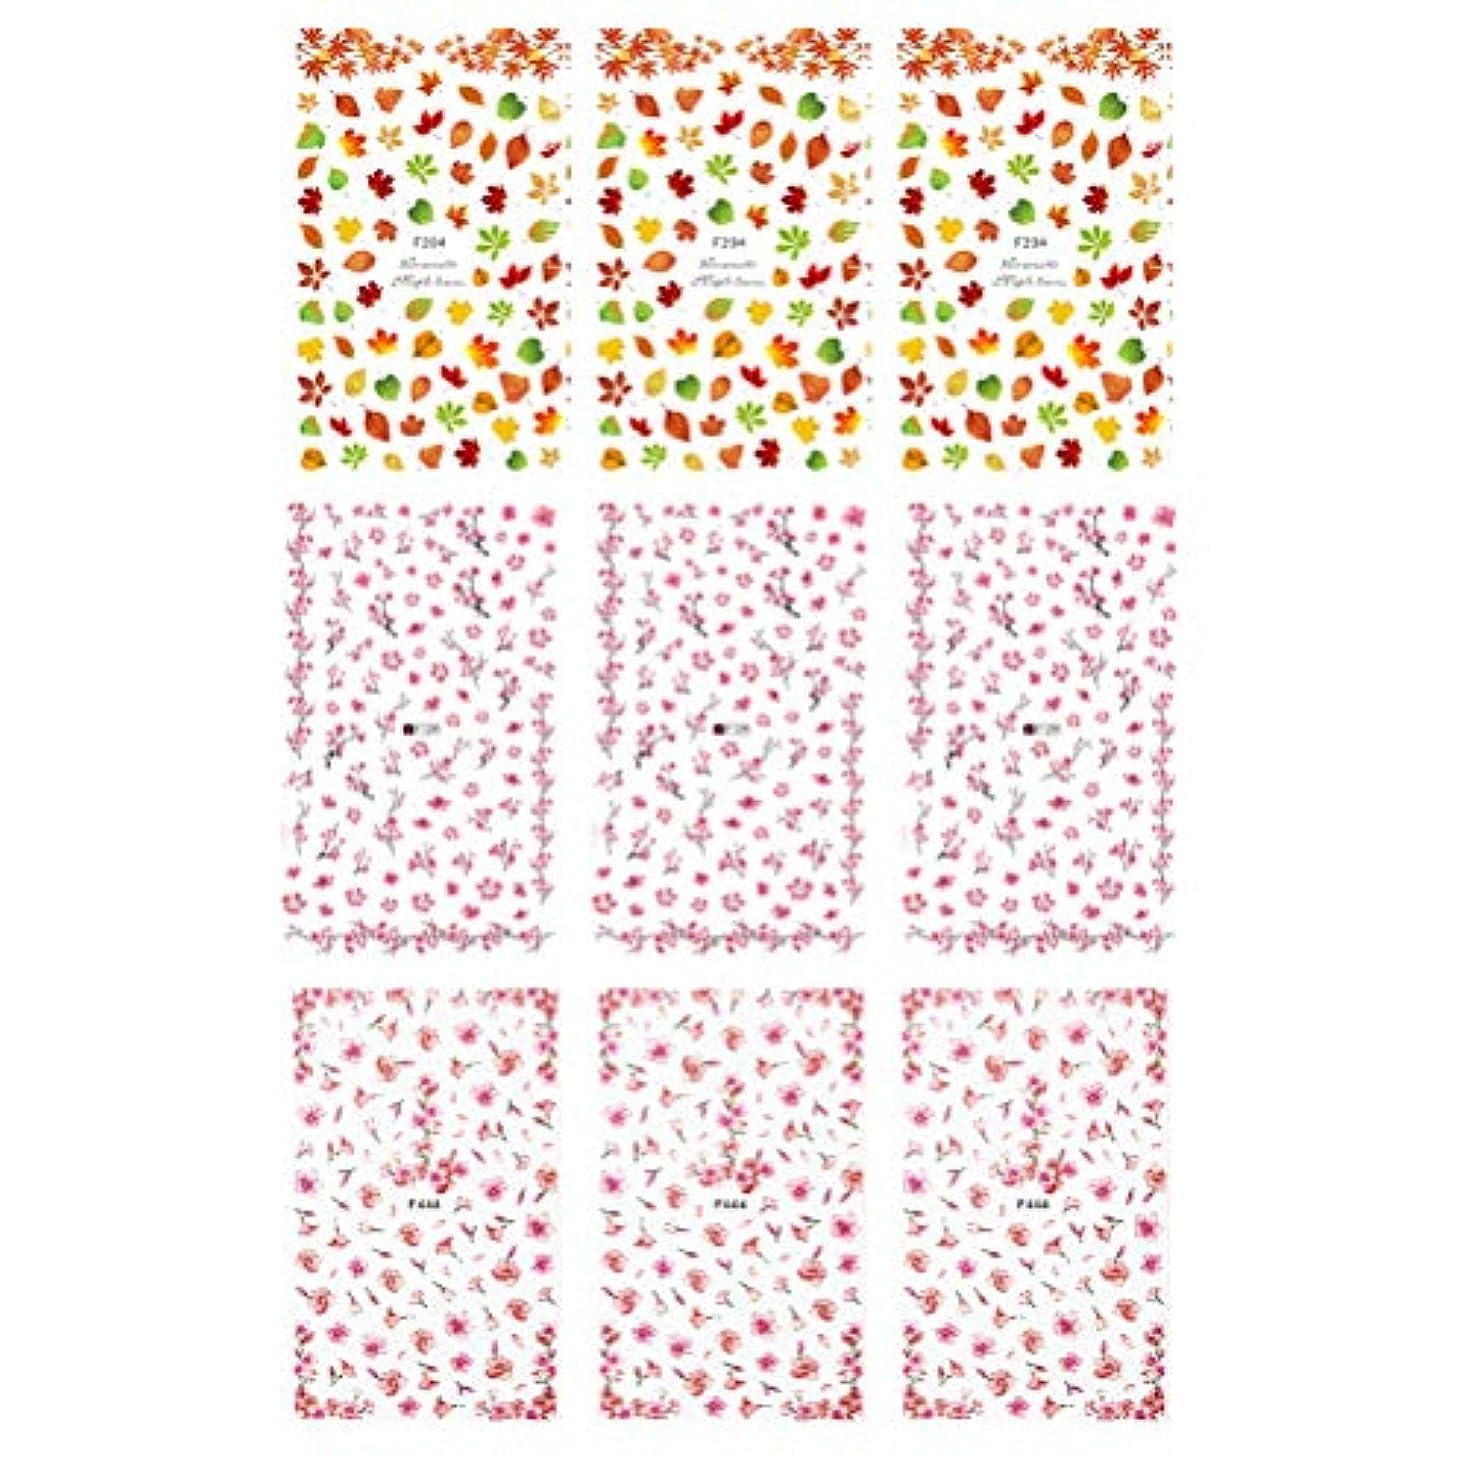 取り壊す寮ロータリーFrcolor ネイルシール 花 3D ネイルステッカー 水彩風 ネイルホイル ももの花 桜 ネイルアートシール 爪に貼るだけ マニキュア 3種類 9枚セット